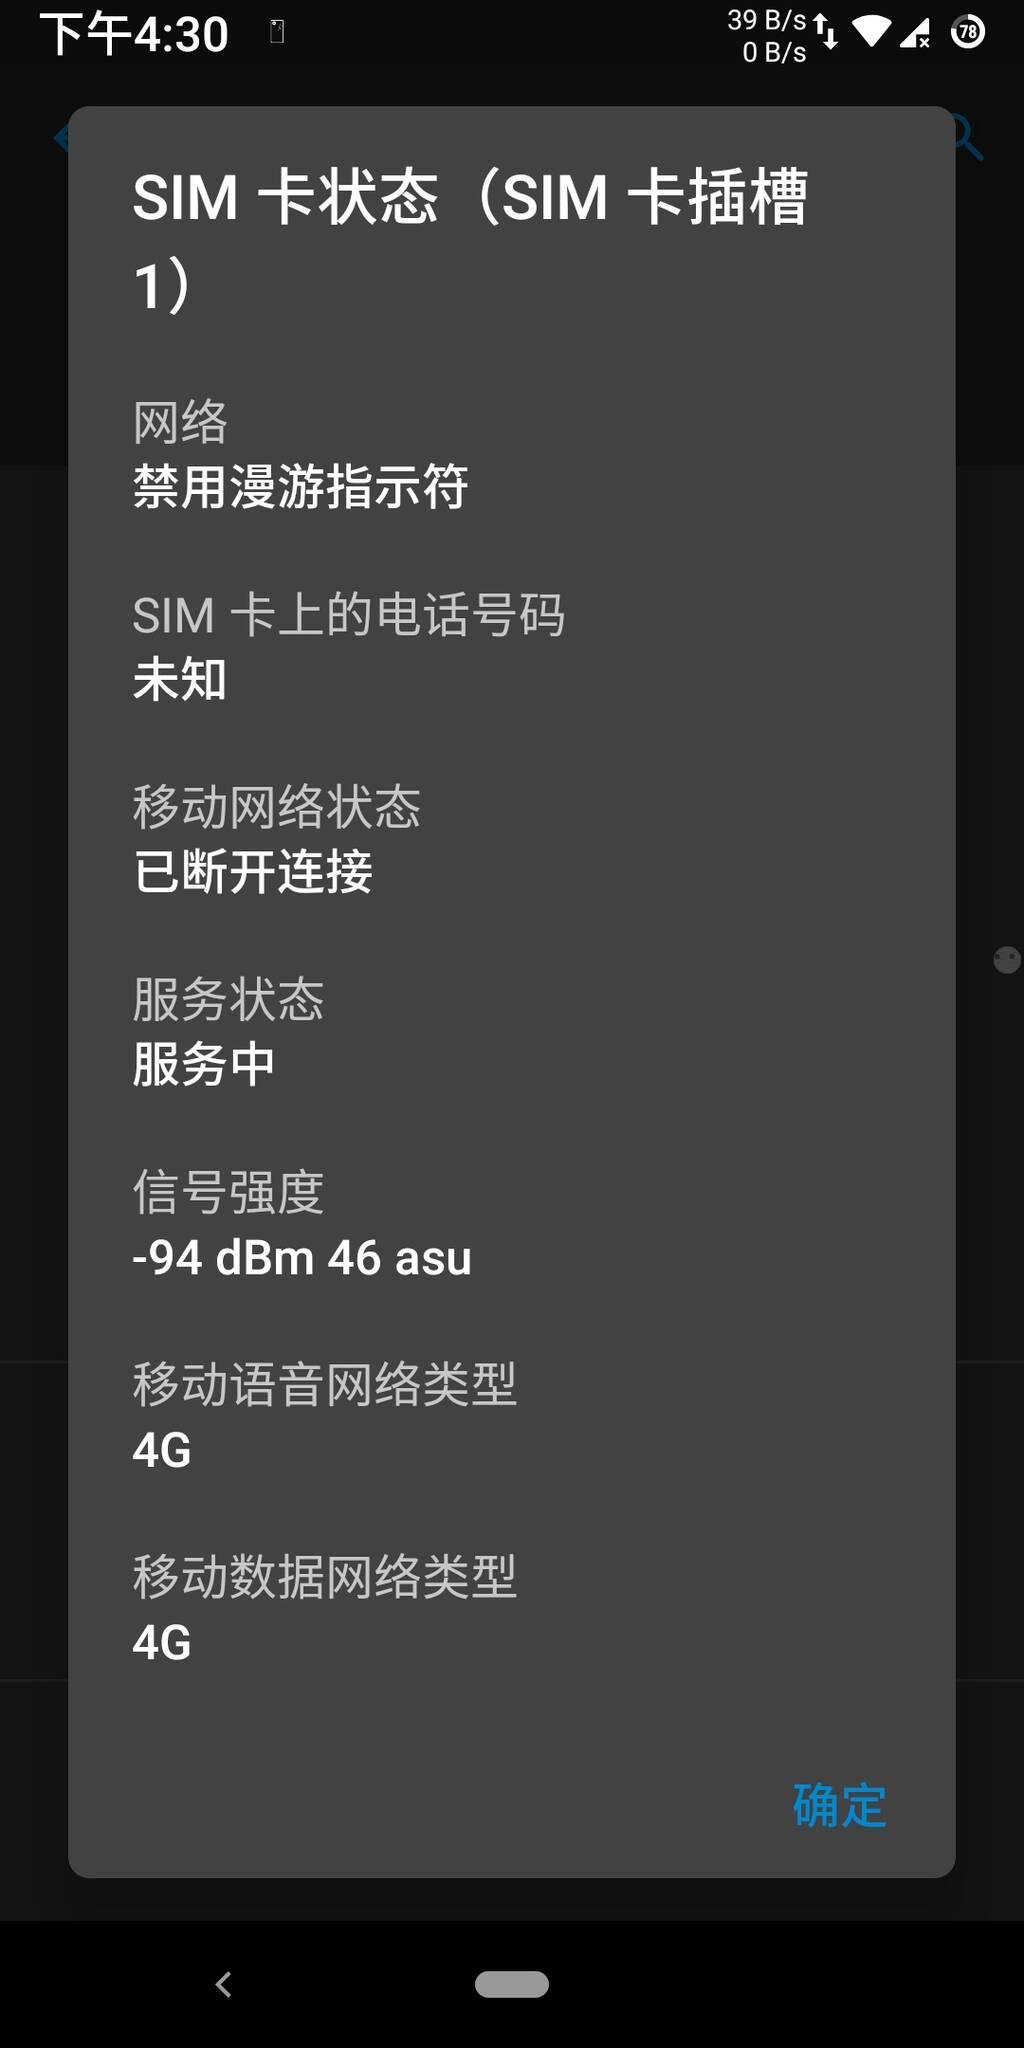 """图6:运营商变成""""禁用漫游指示符"""""""